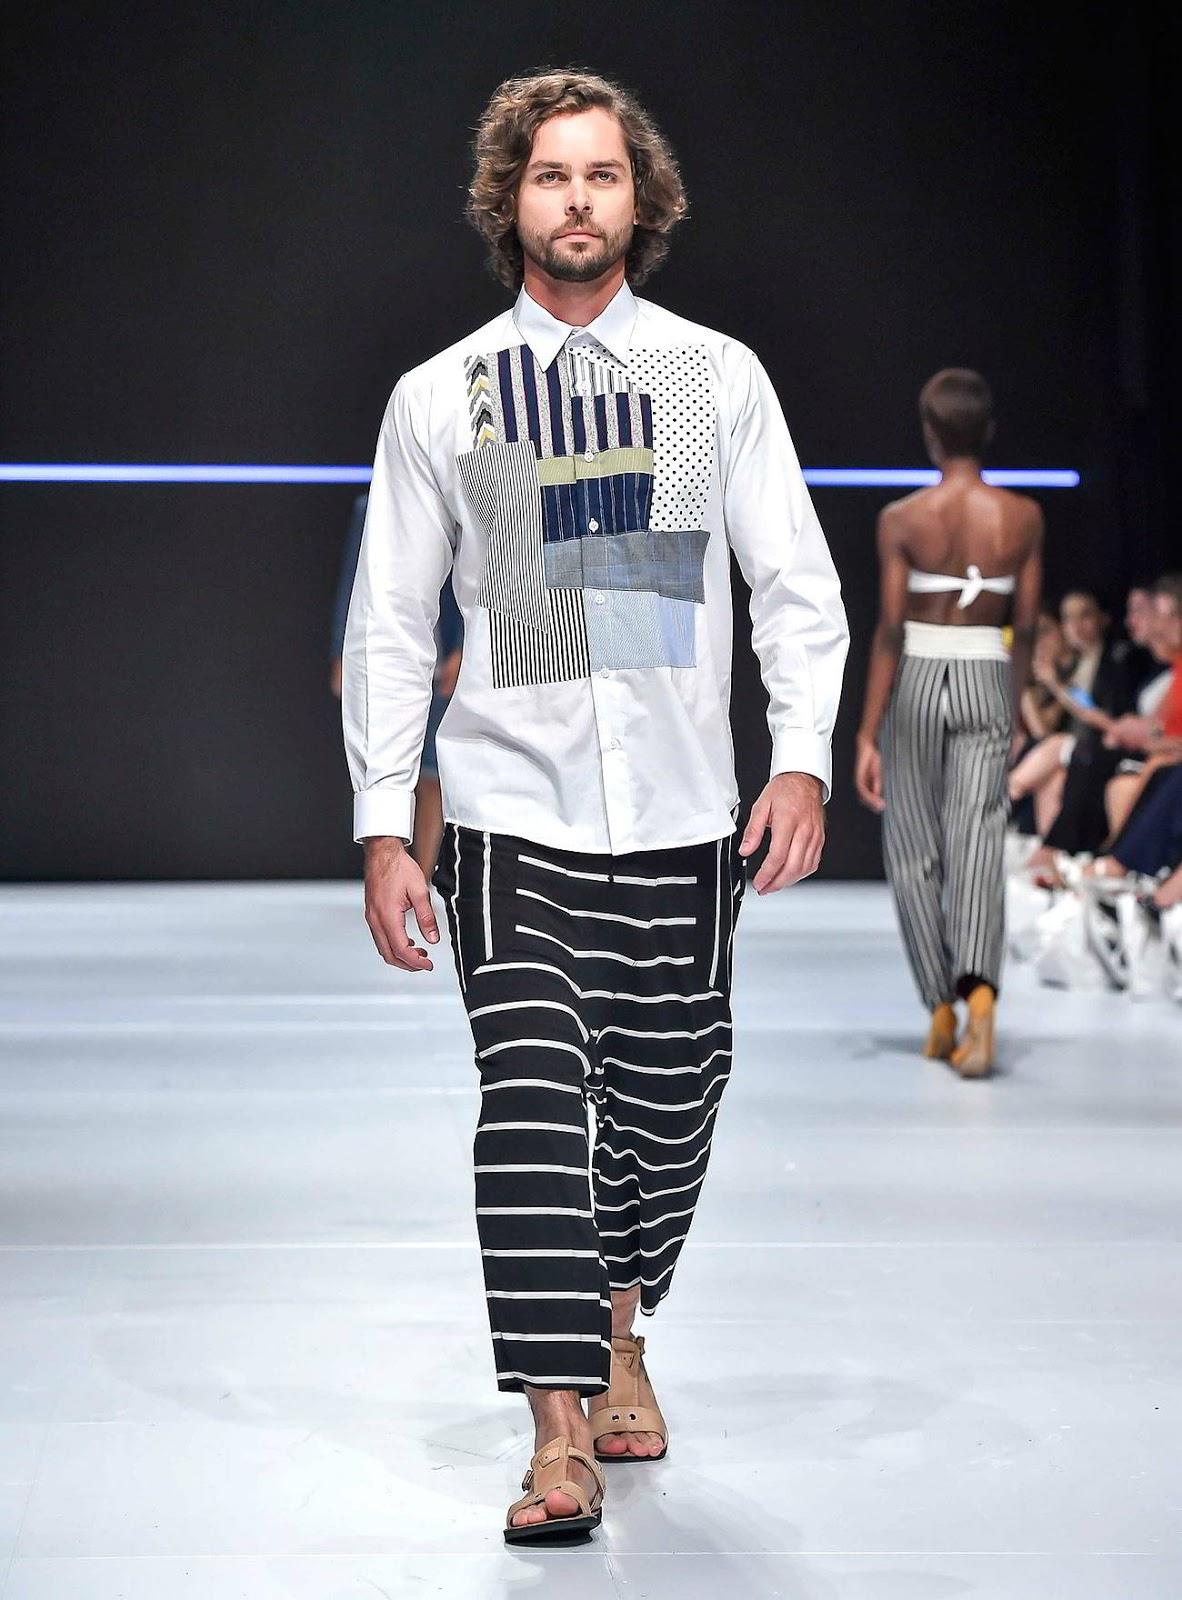 Mercedes Benz Fashion Week San Jose